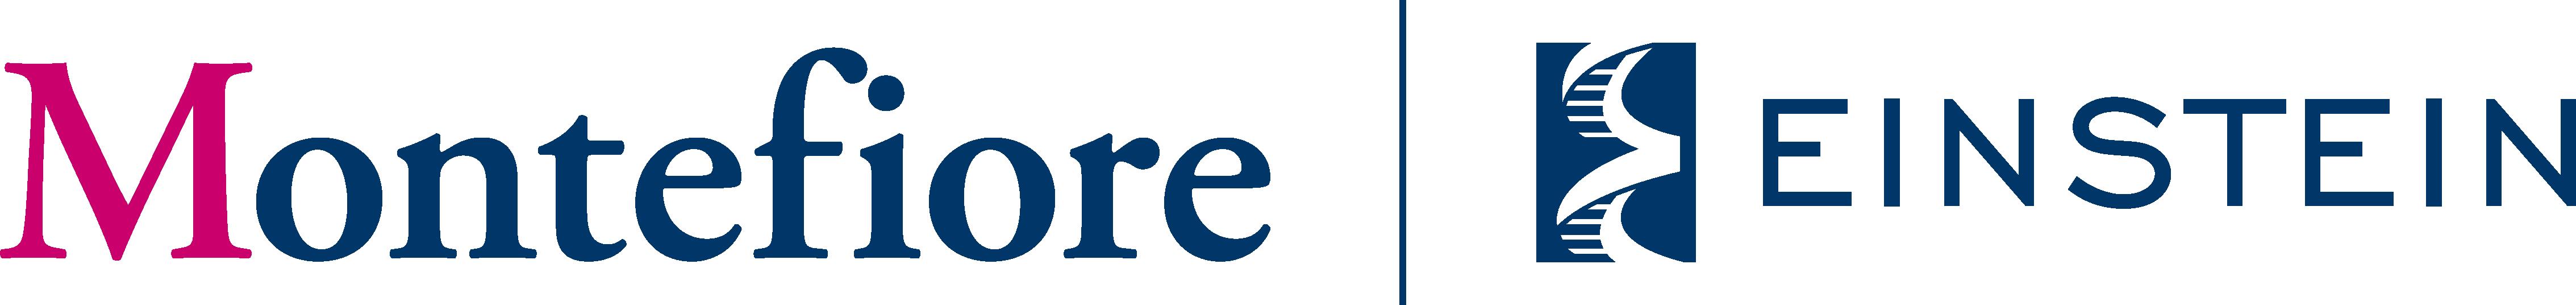 Montefiore – Einstein Logo